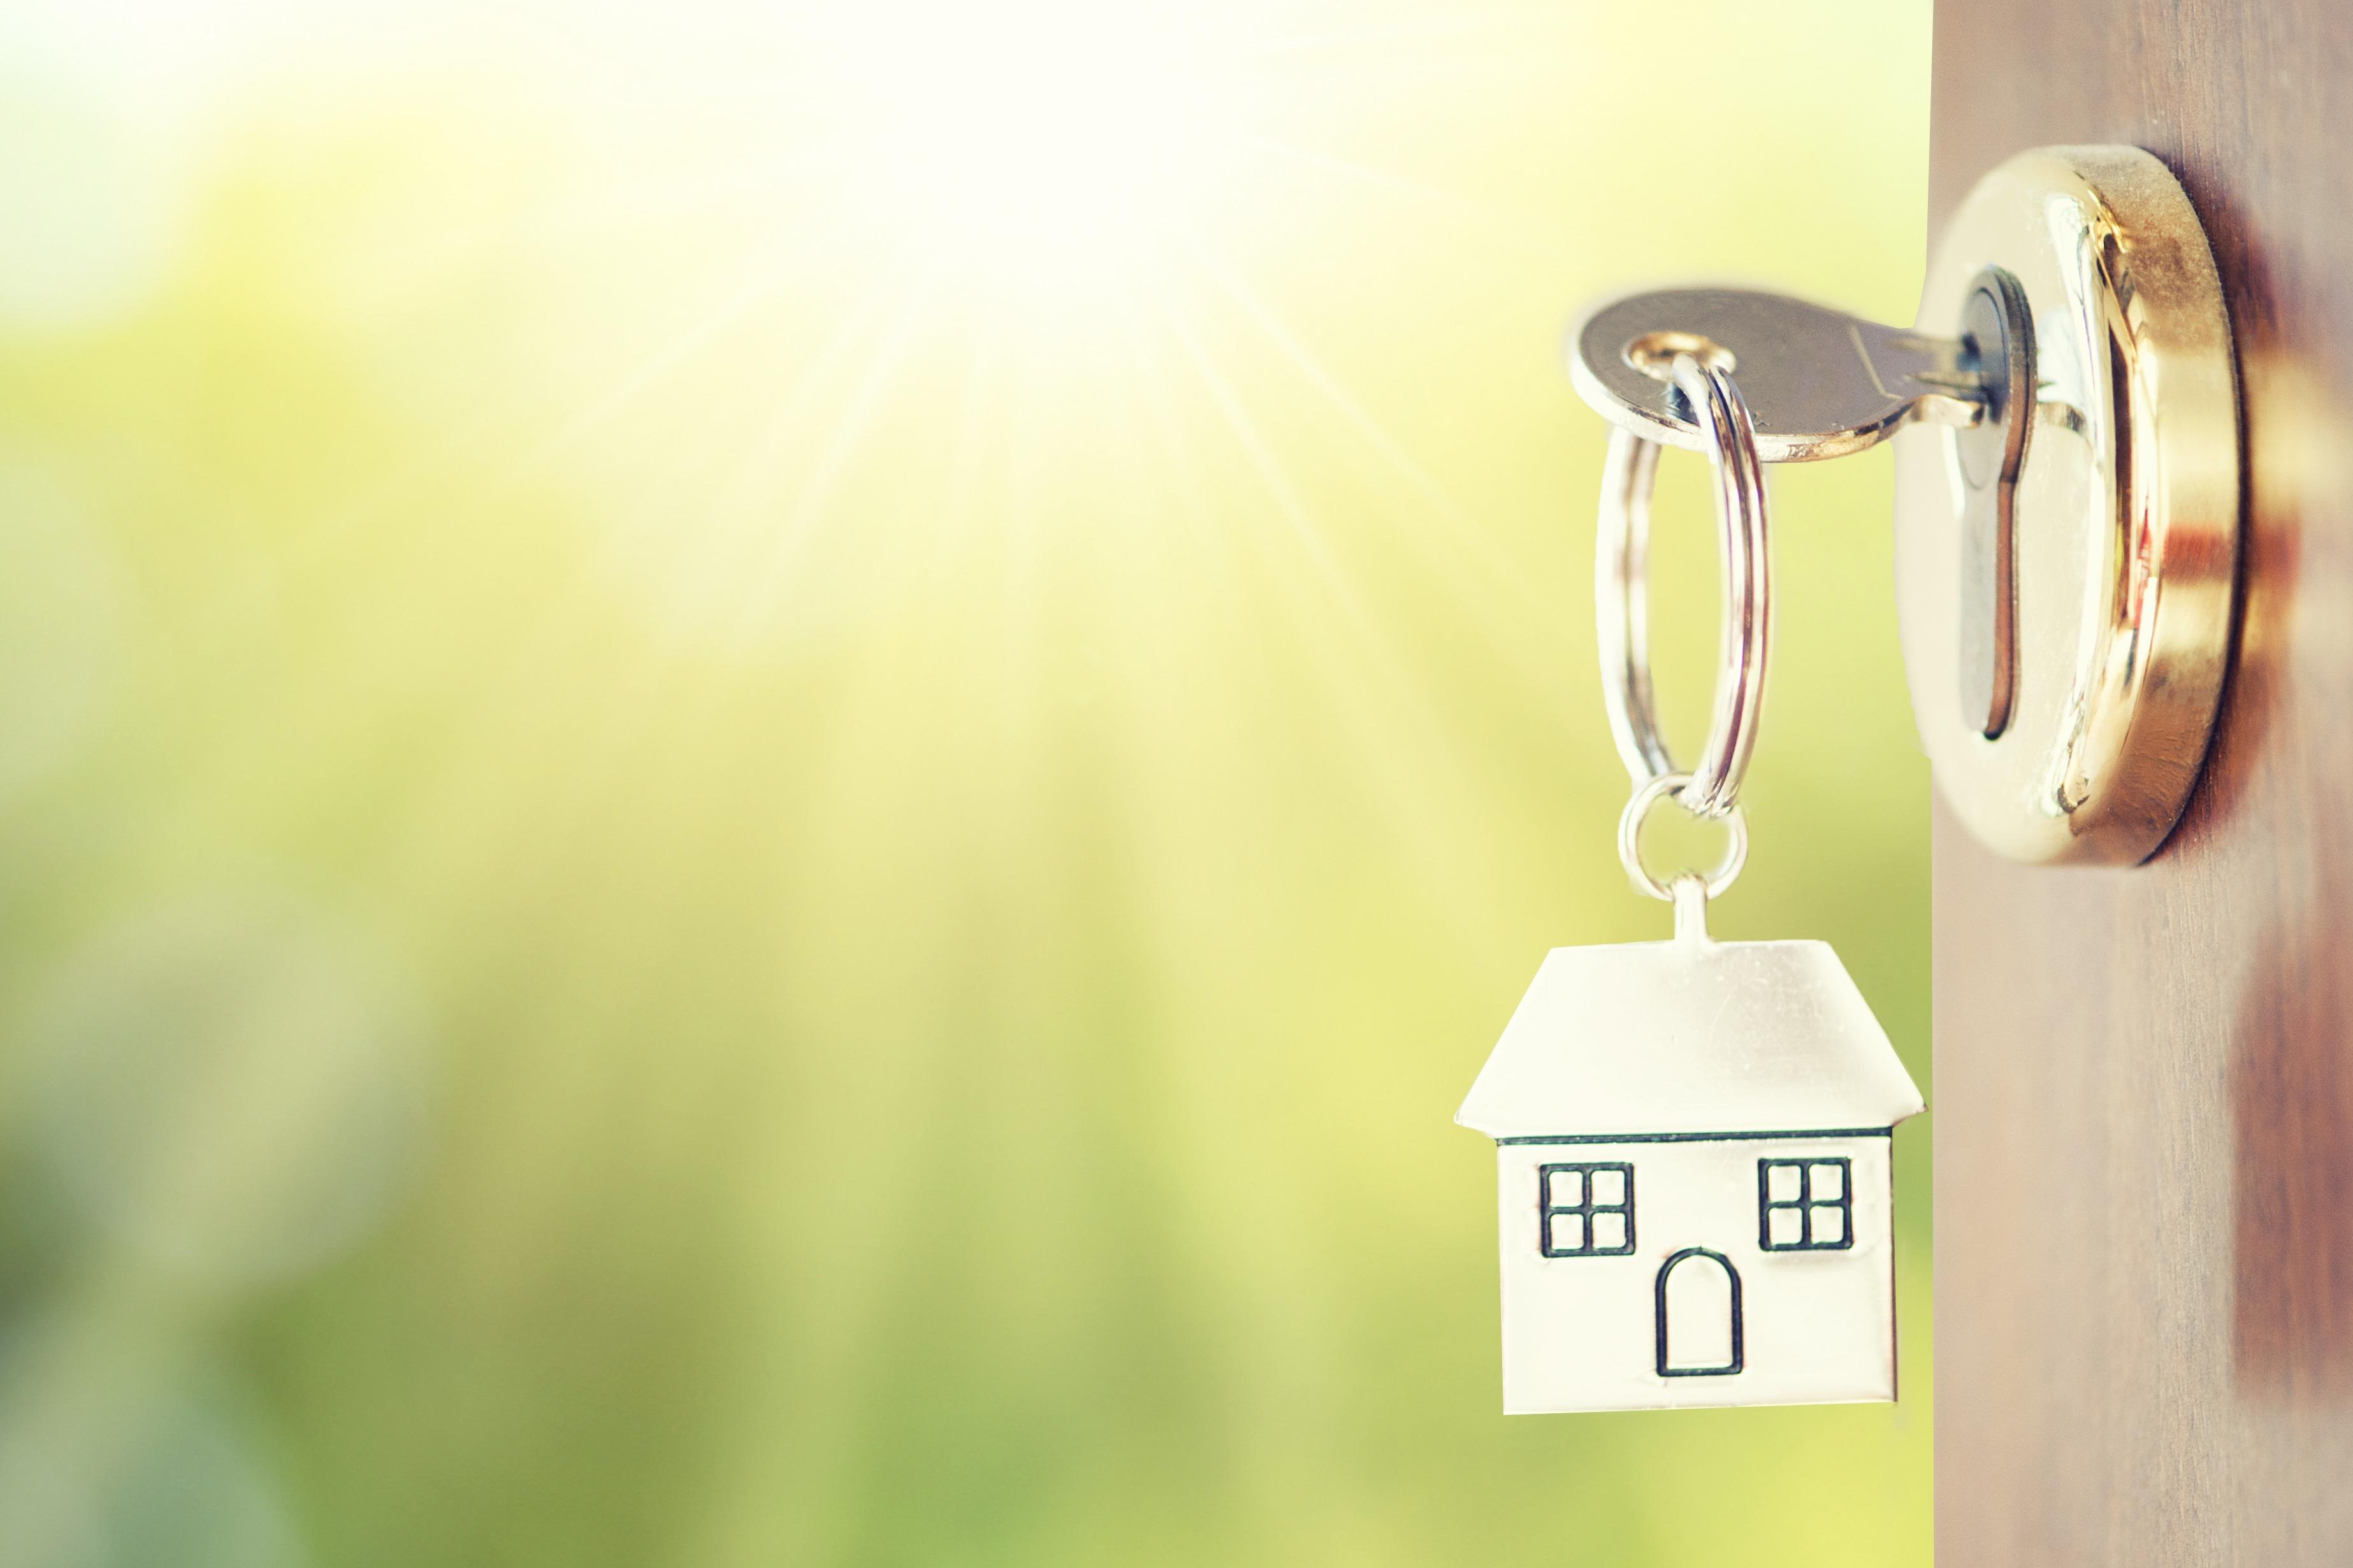 Pourquoi choisir une construction clé sur porte?